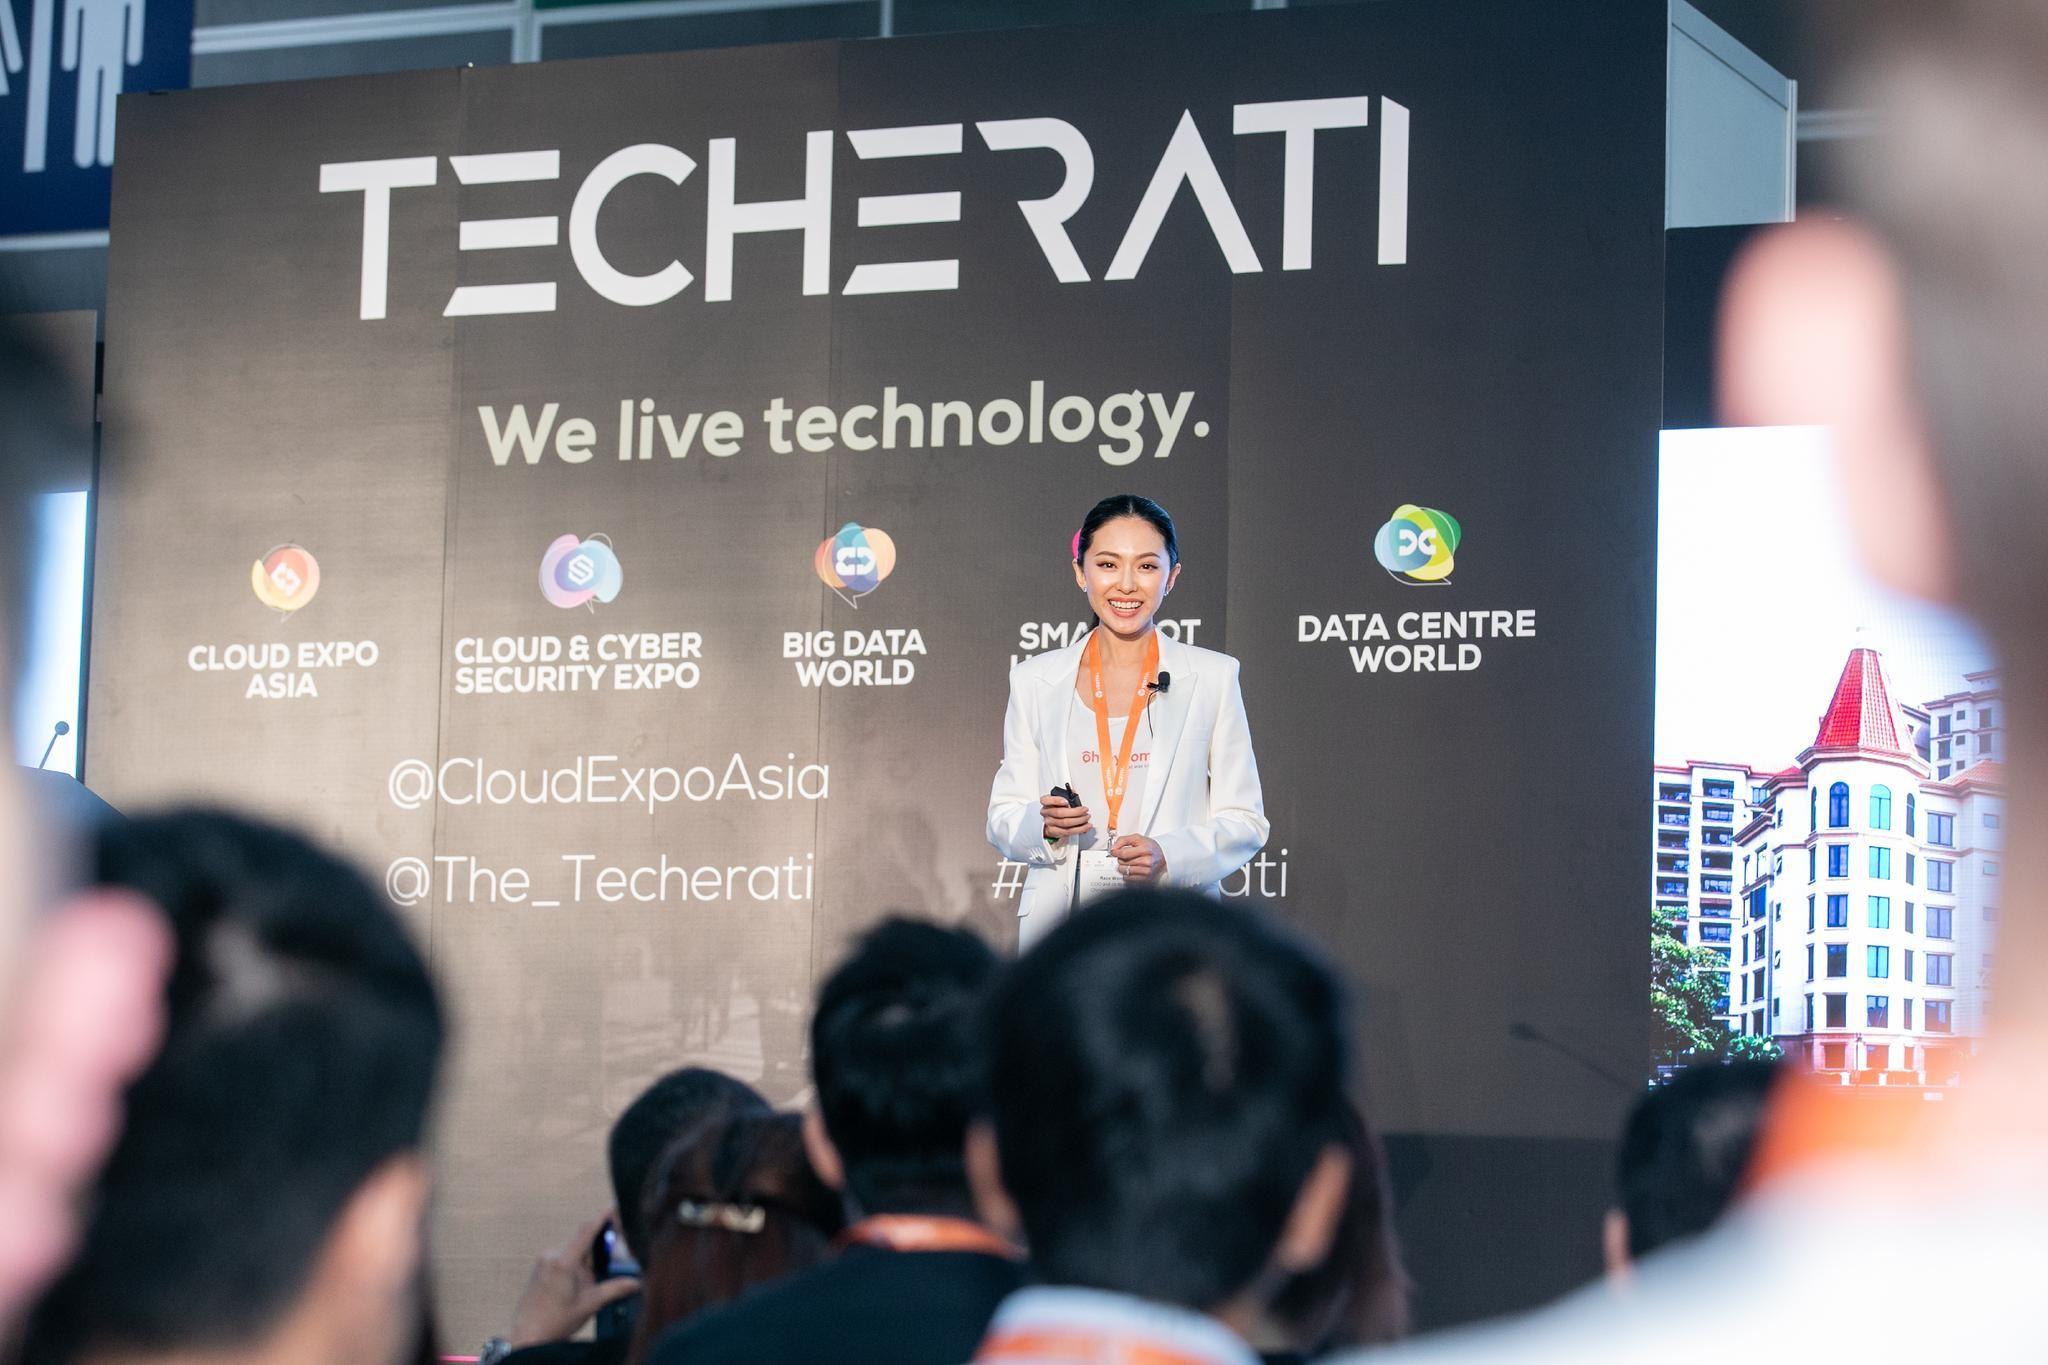 Race Wong in Cloud Expo Asia Hong Kong Tech event